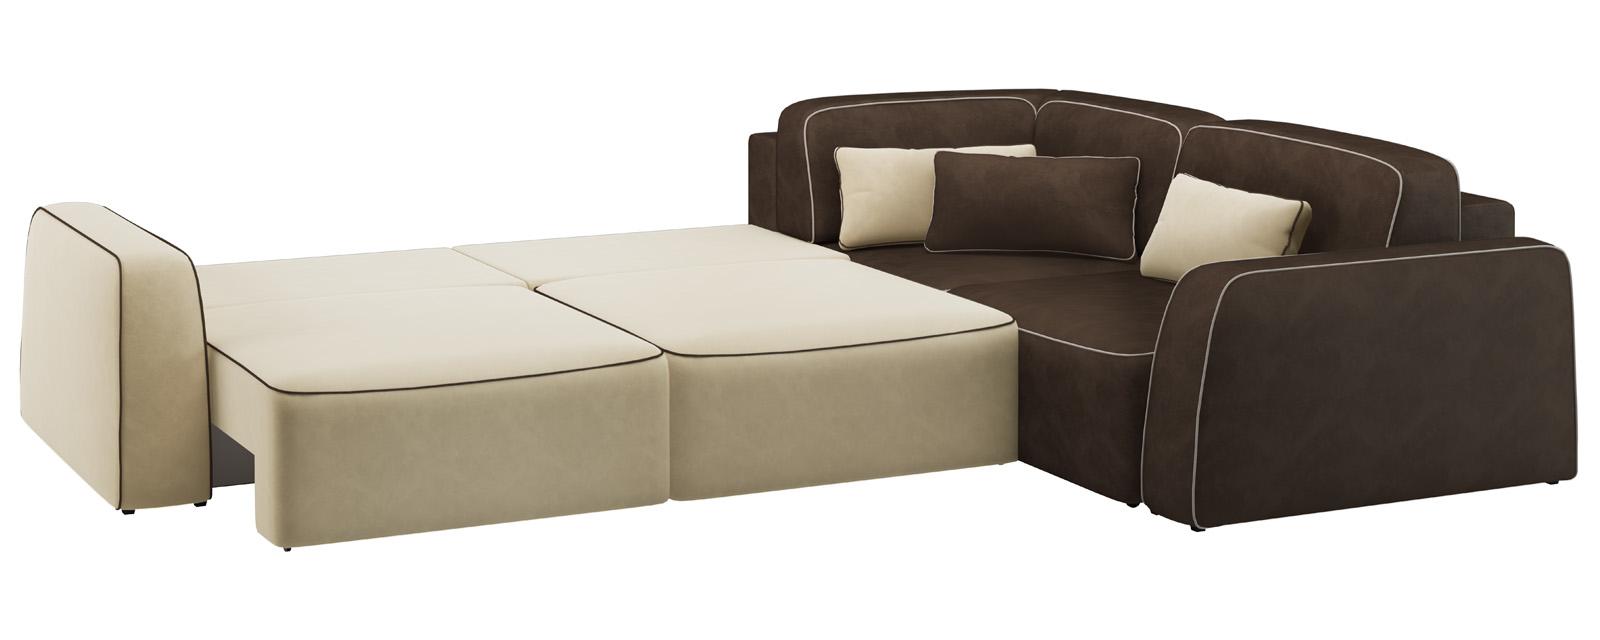 Модульный диван Портленд 350 см Вариант №4 Velure бежевый/темно-коричневый (Велюр) от HomeMe.ru